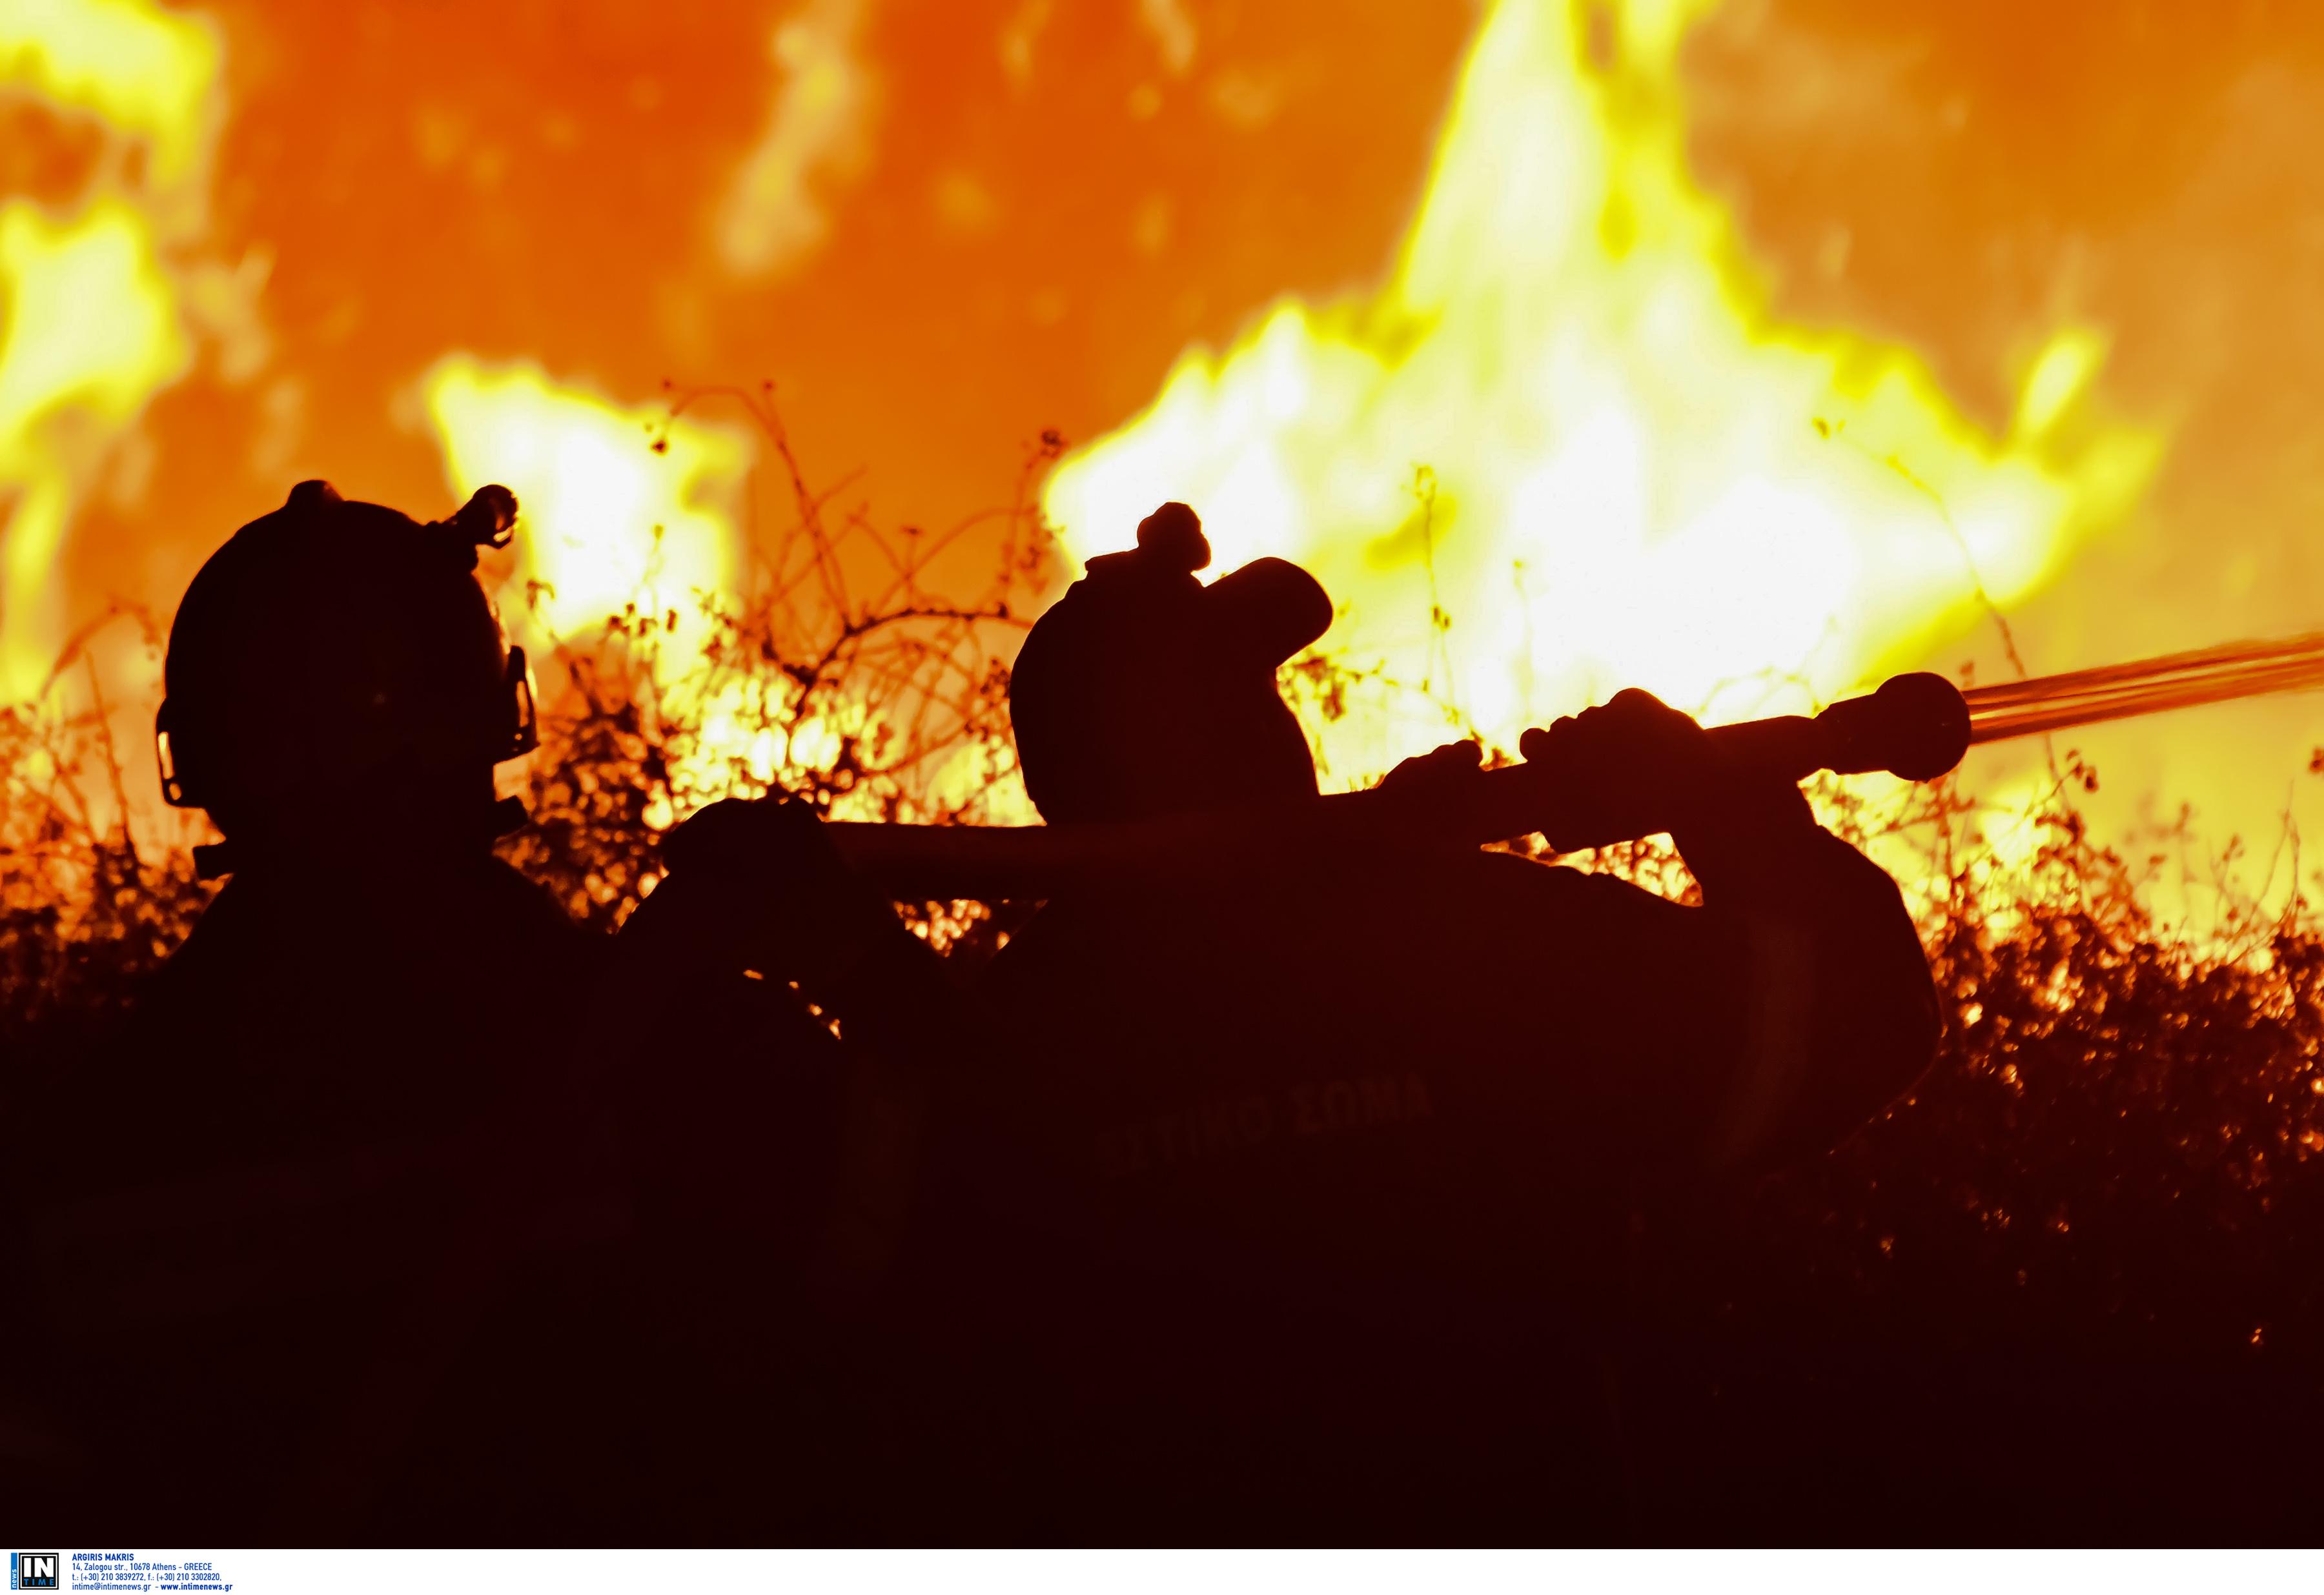 Αργολίδα: Τραυματισμός πυροσβέστη στη μεγάλη φωτιά! Απειλήθηκαν σπίτια στους Μύλους [pics, video]